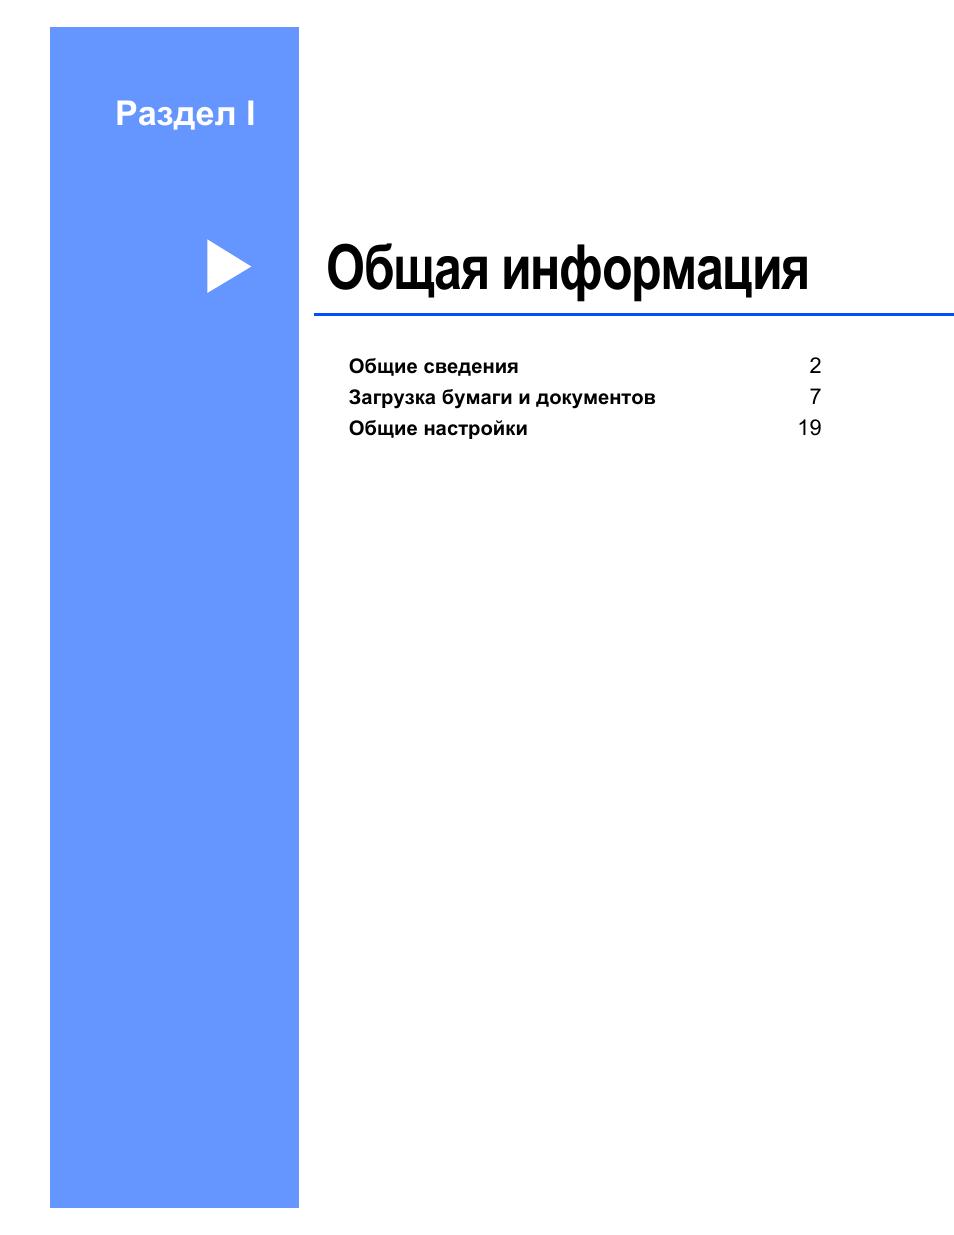 Раздел i: общая информация, Раздел i общая информация, Общая информация